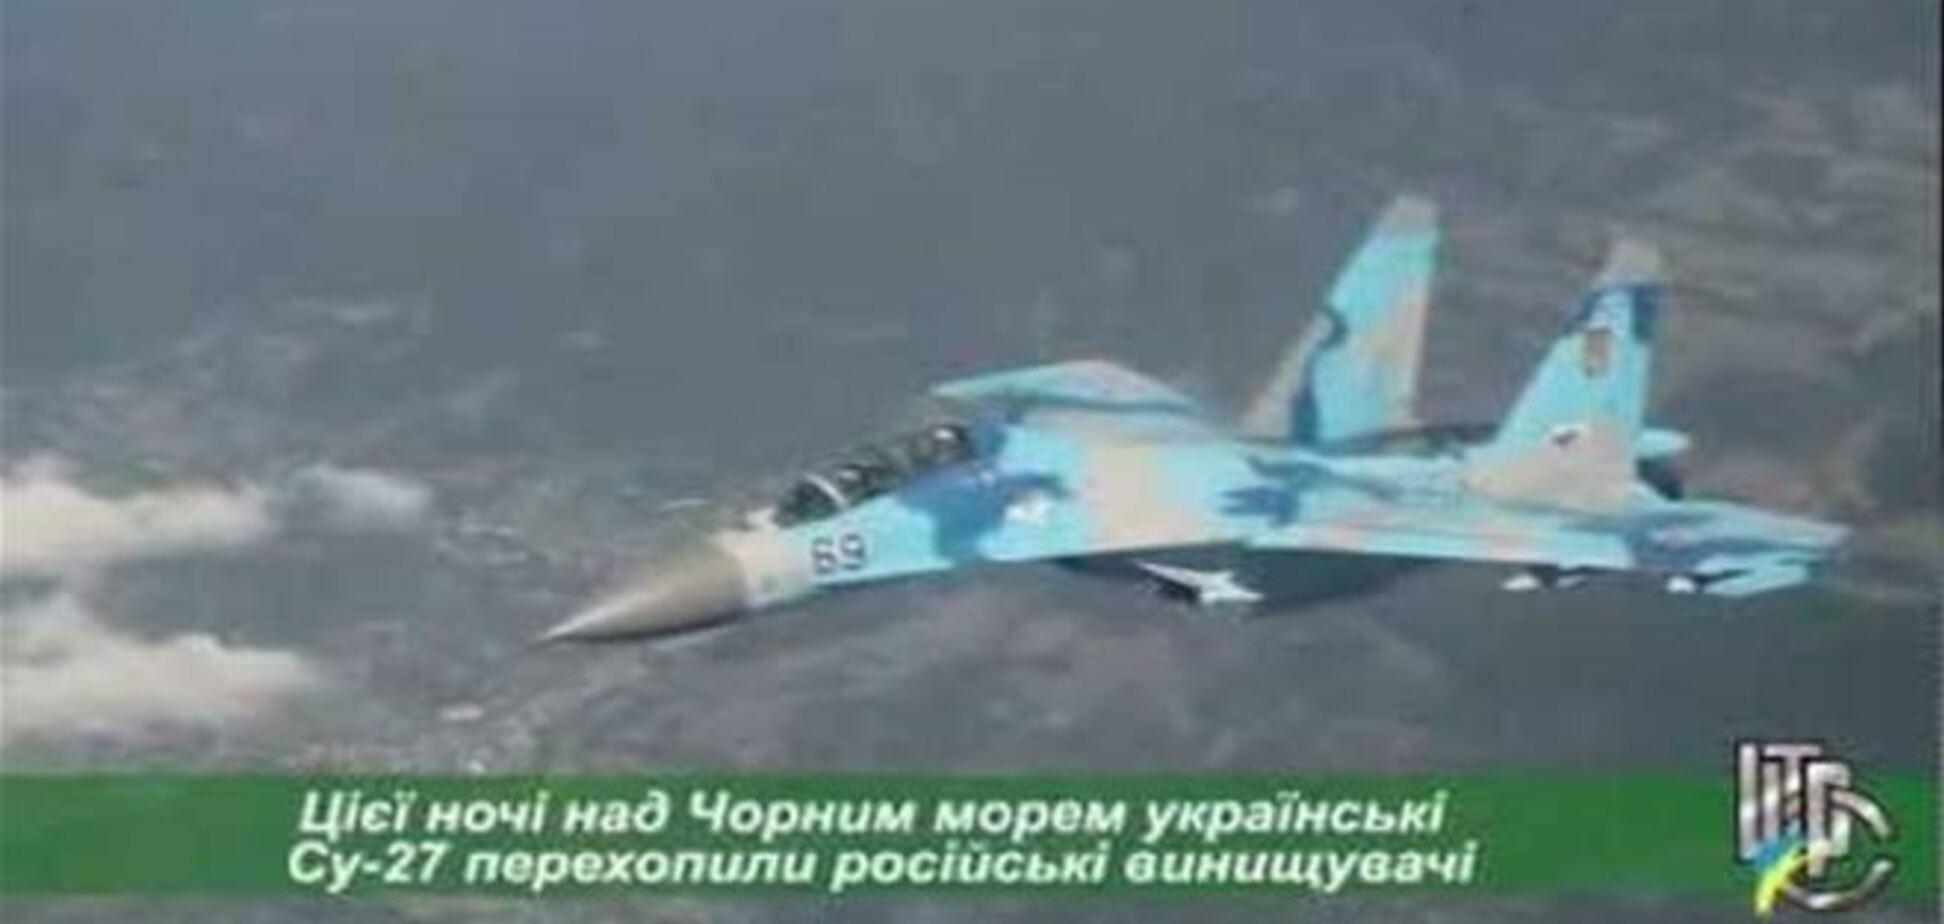 Российские истребители нарушили воздушную границу Украины